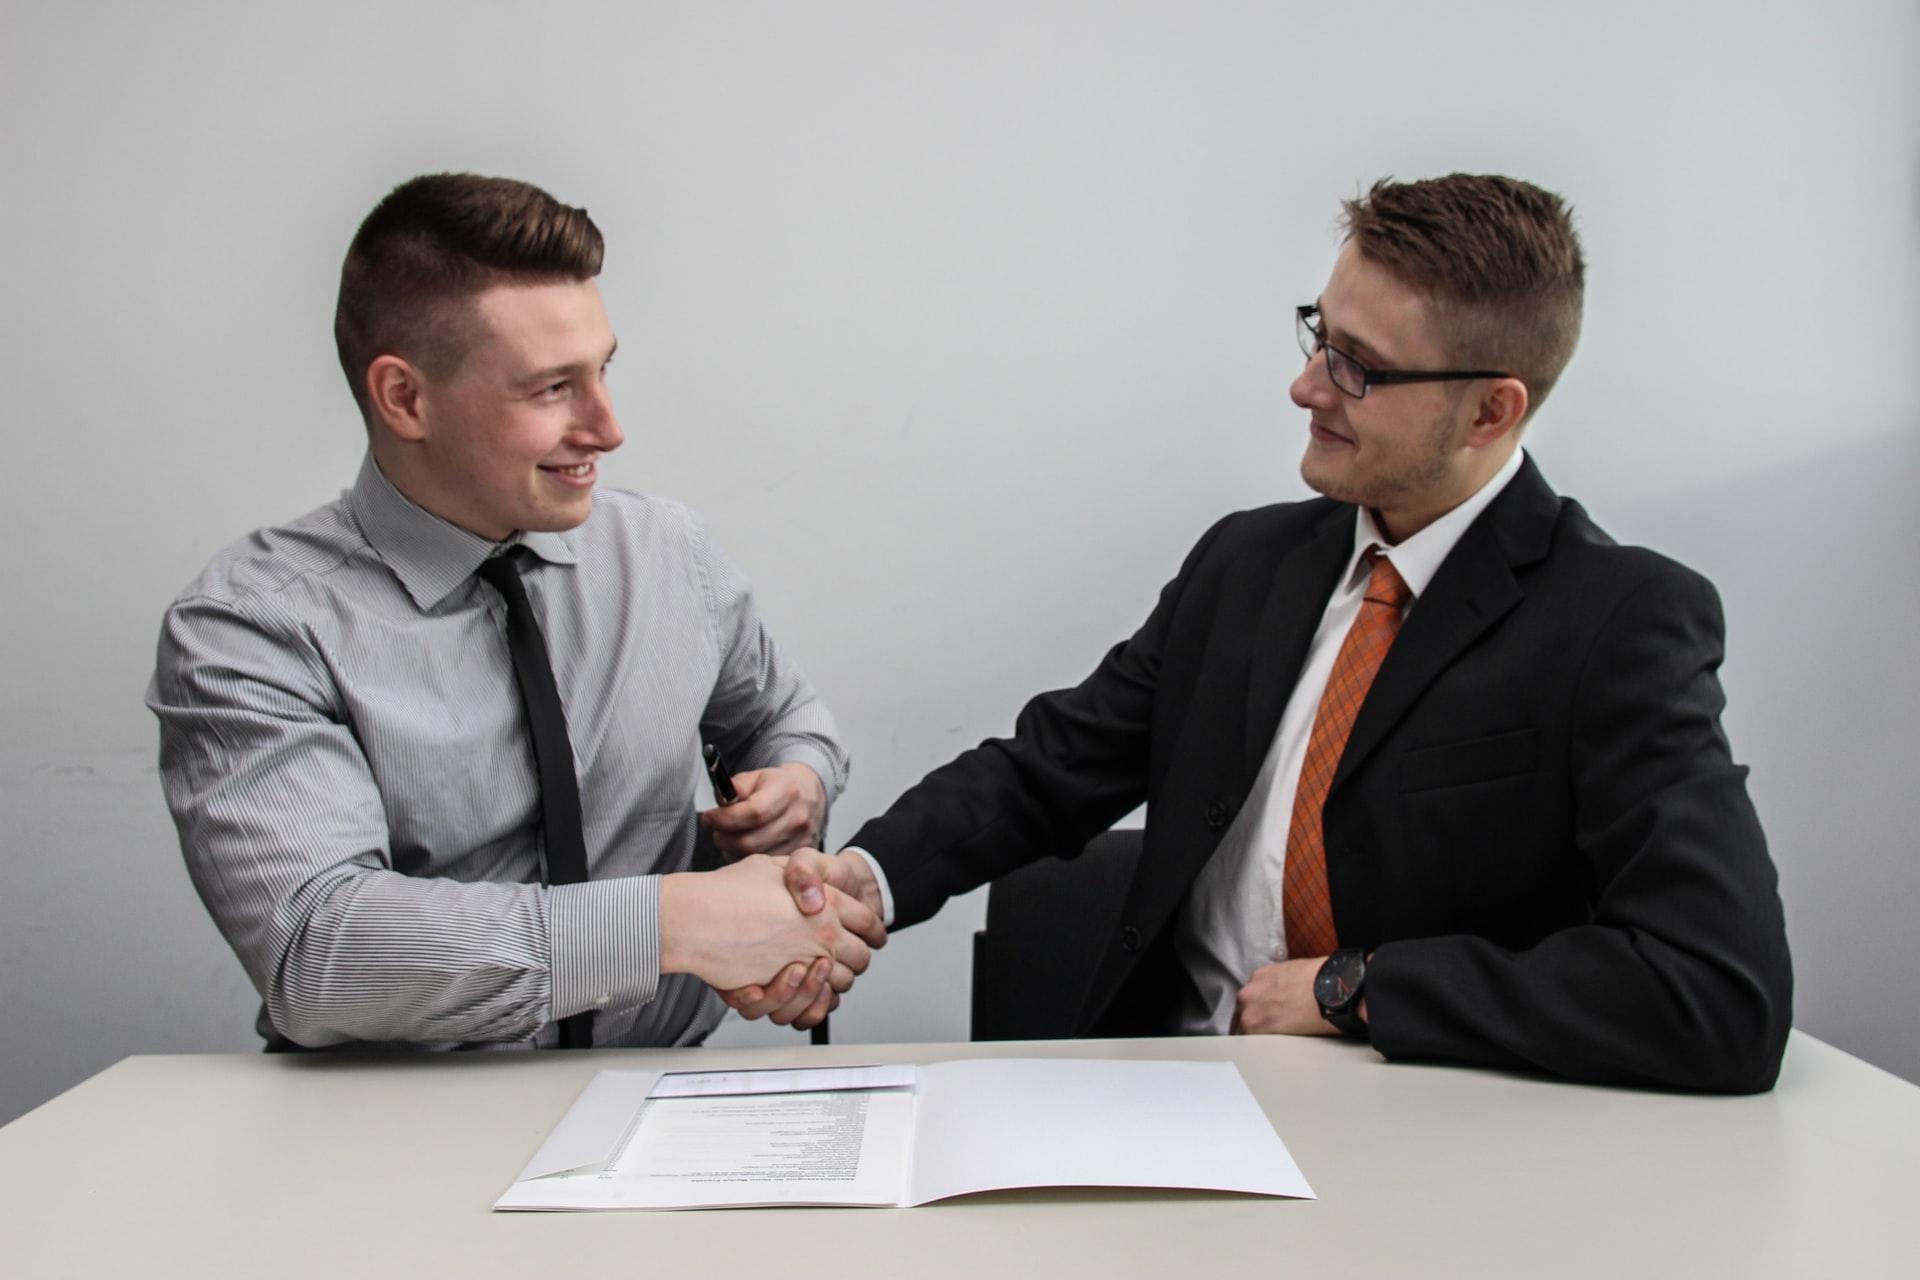 握手するビジネスマンの画像